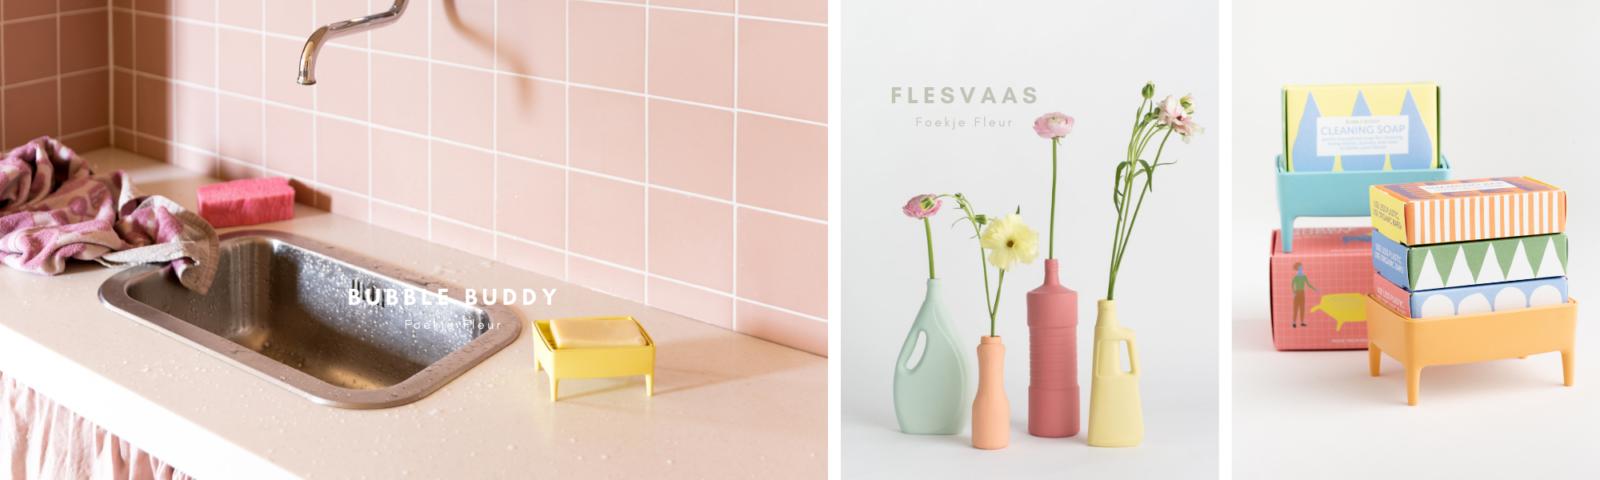 foekje fleur online huiszwaluw home